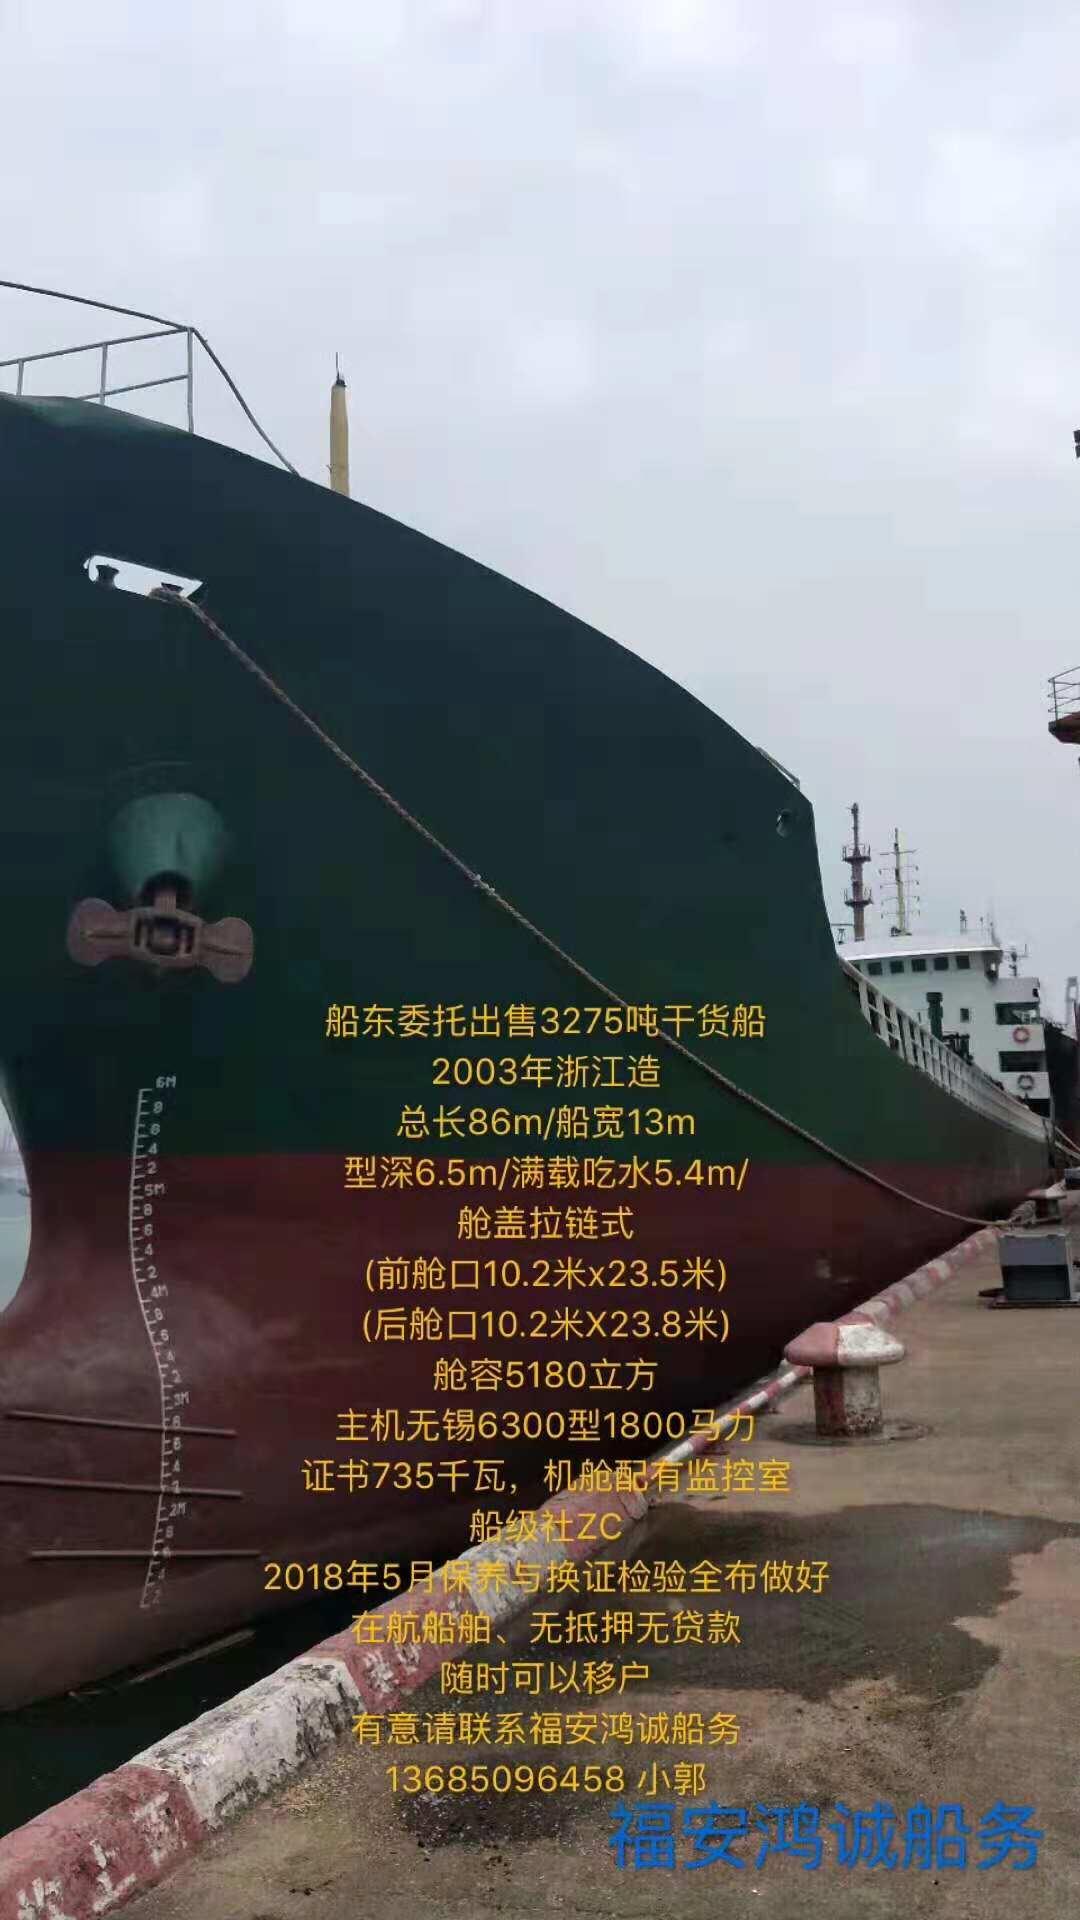 低价出售2003年造3275吨干货船